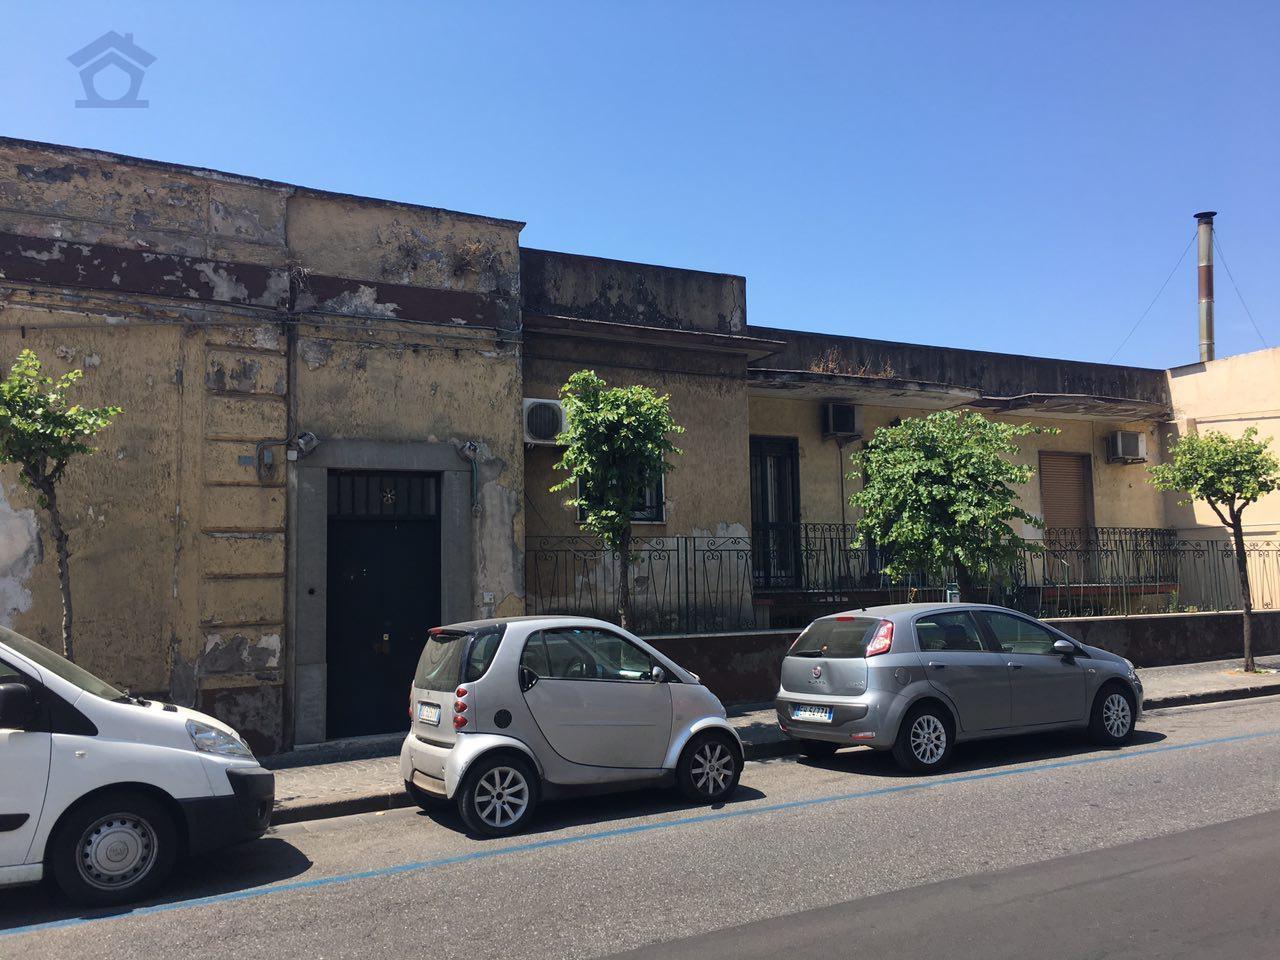 Appartamento in affitto a Torre Annunziata, 3 locali, zona Località: nord, prezzo € 700 | Cambio Casa.it